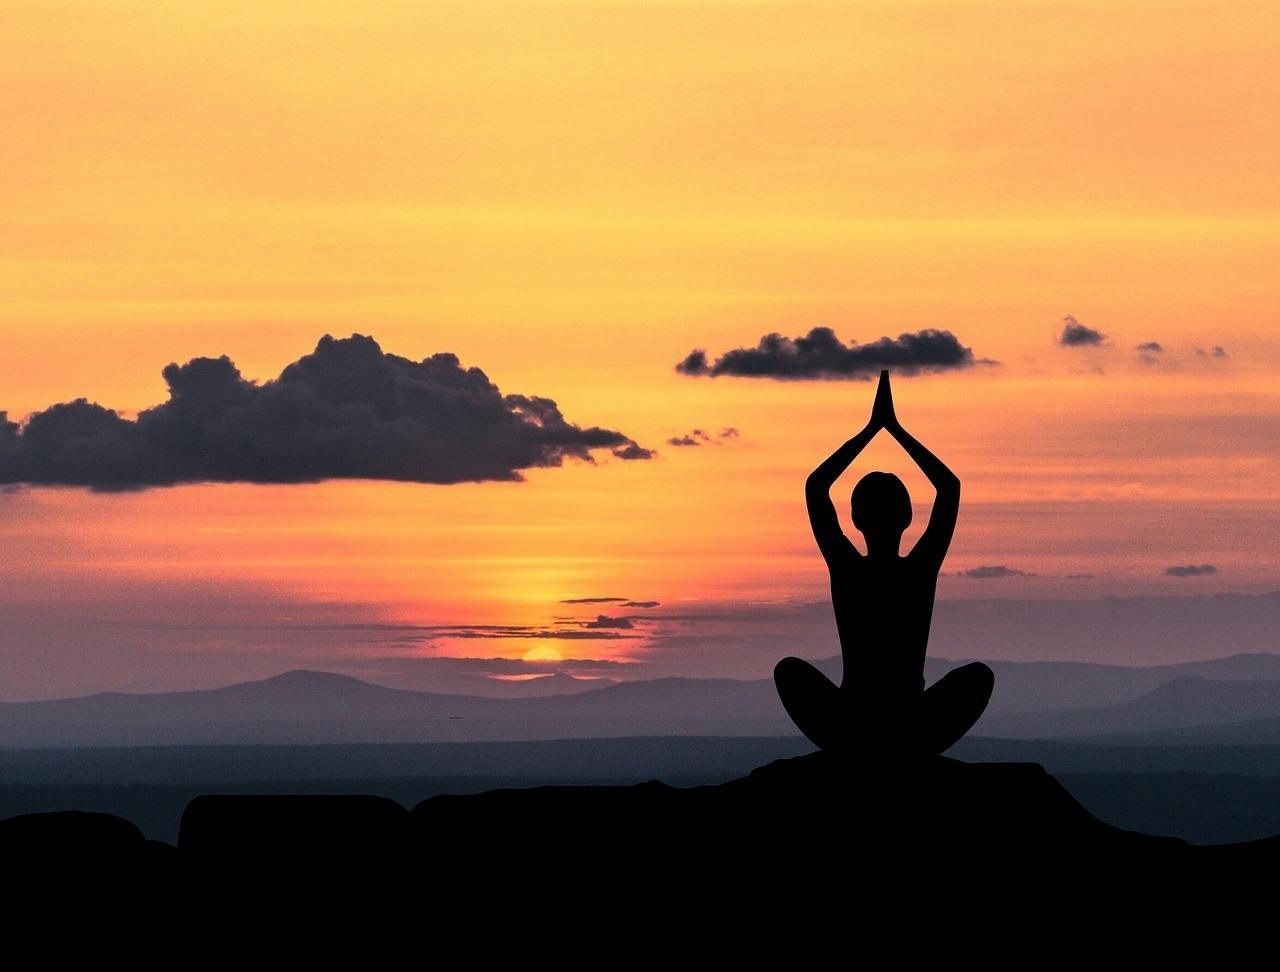 güneş batımında manzaraya karşı rahatlama egzersizi yapan bayan